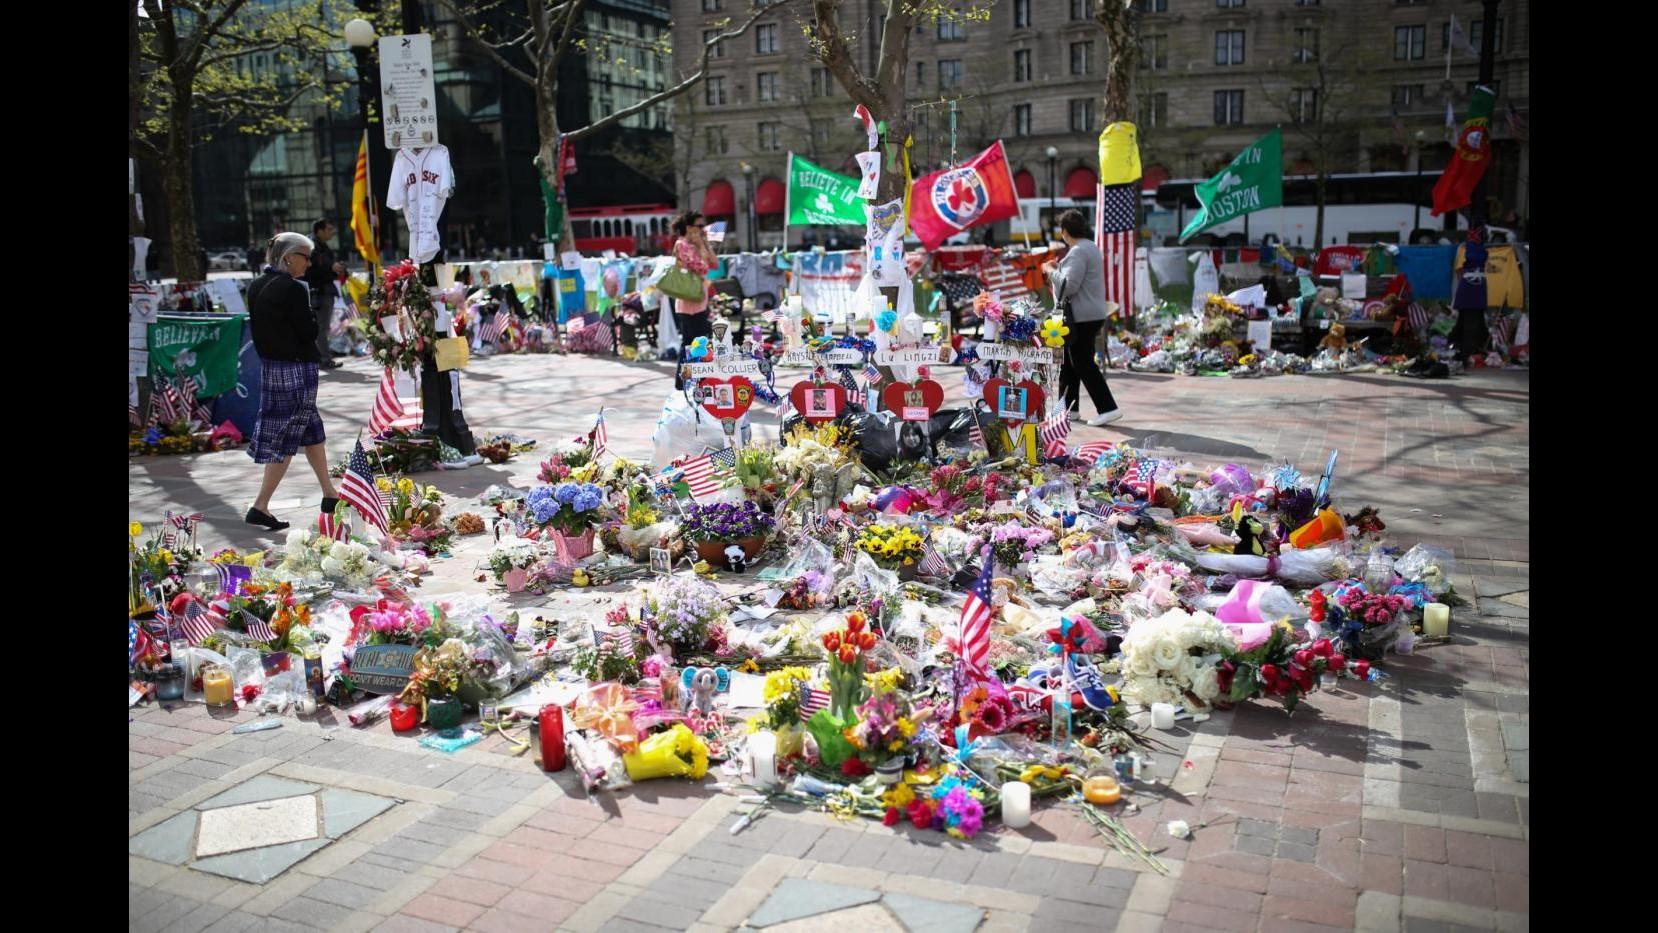 Maratona Boston, la cronologia dei fatti: dall'attacco alla sentenza